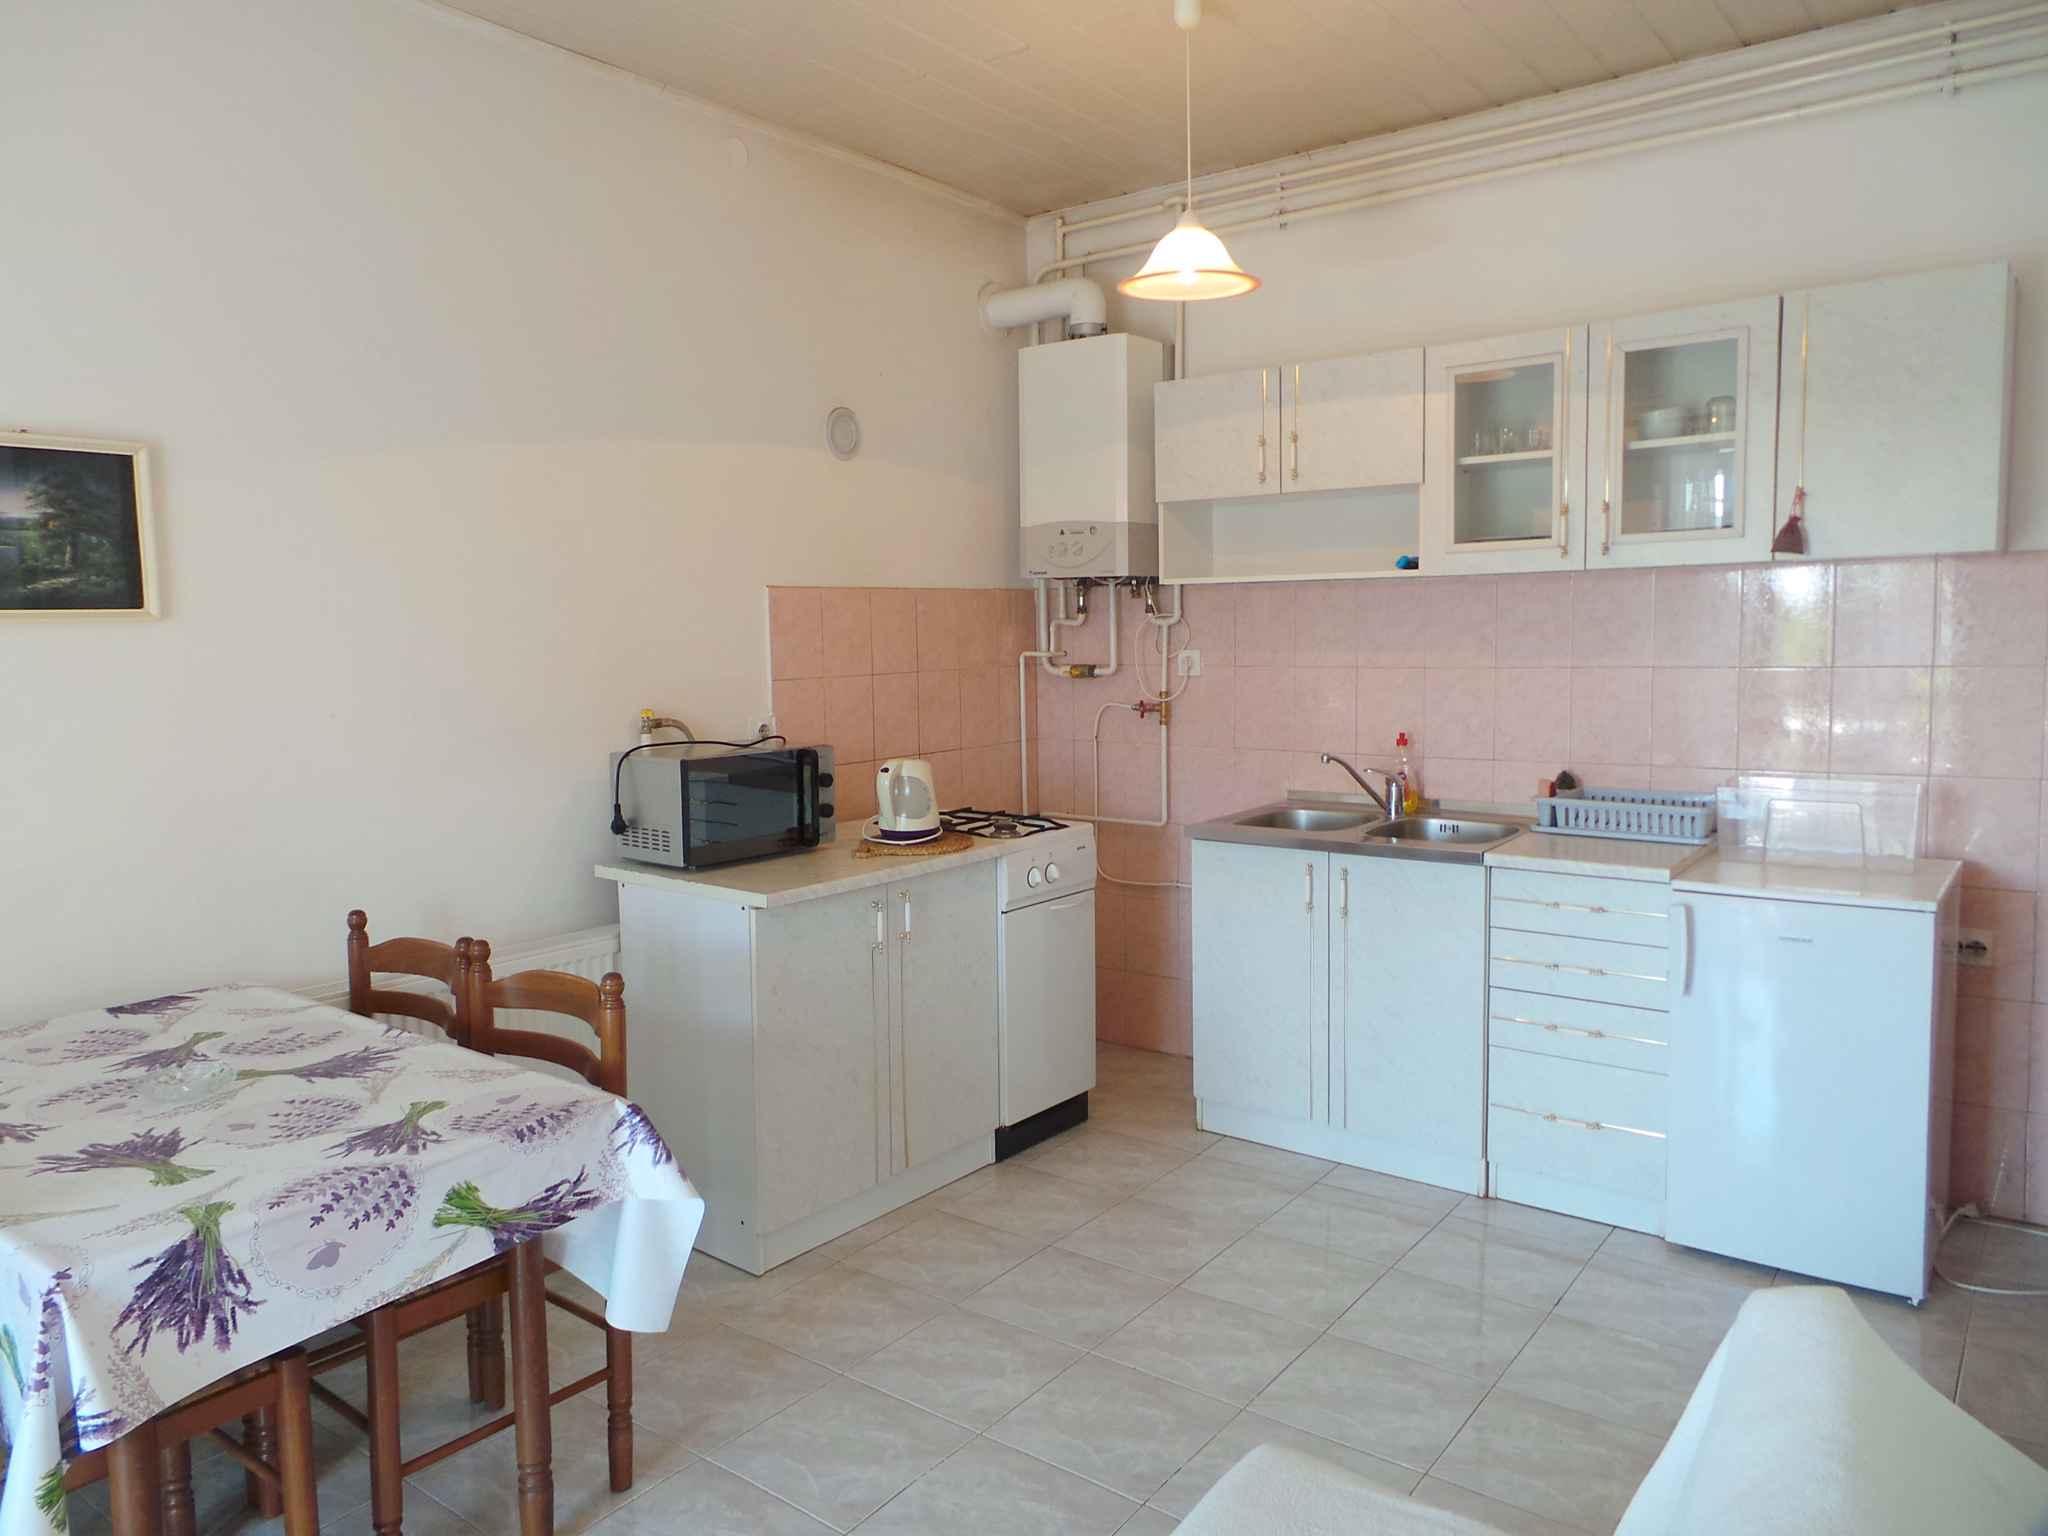 Ferienwohnung mit SAT-TV und Balkon (280821), Pula, , Istrien, Kroatien, Bild 10